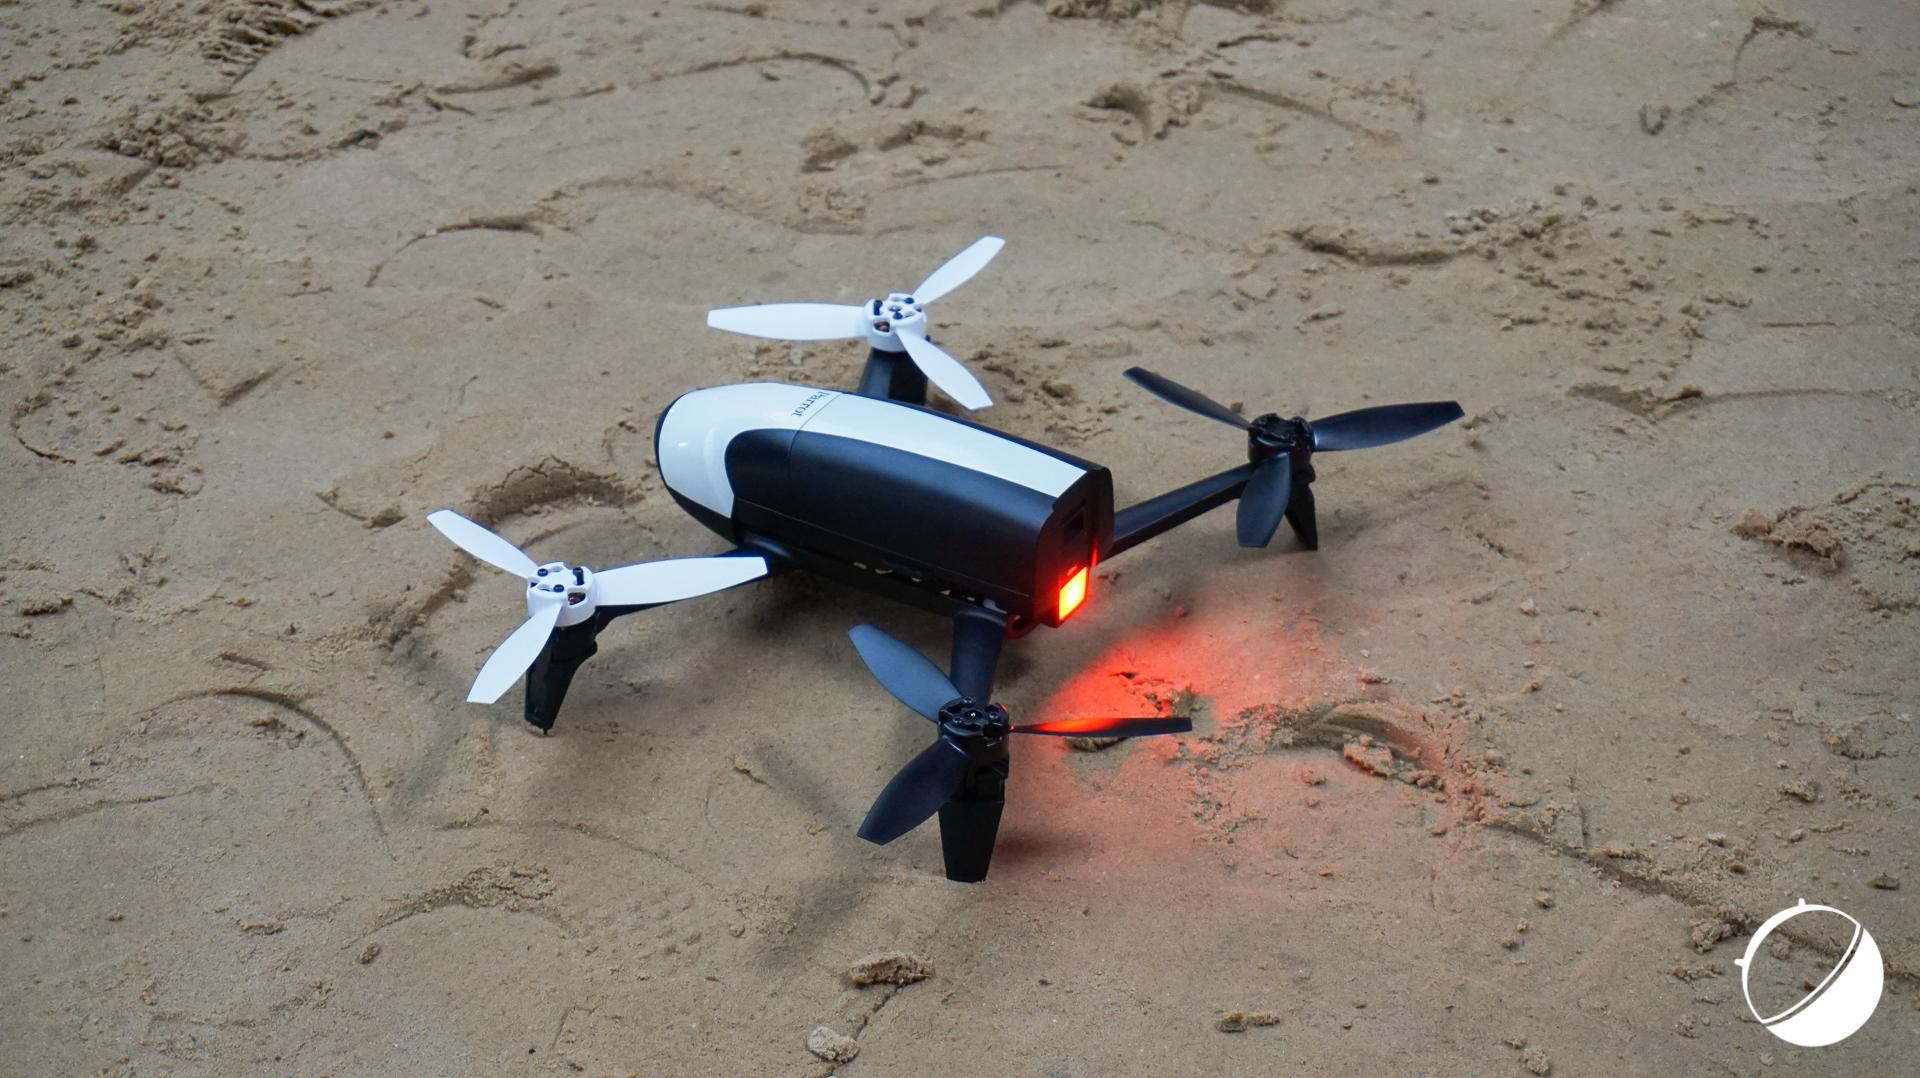 prise en main du drone parrot bebop 2 avec un semblant de. Black Bedroom Furniture Sets. Home Design Ideas